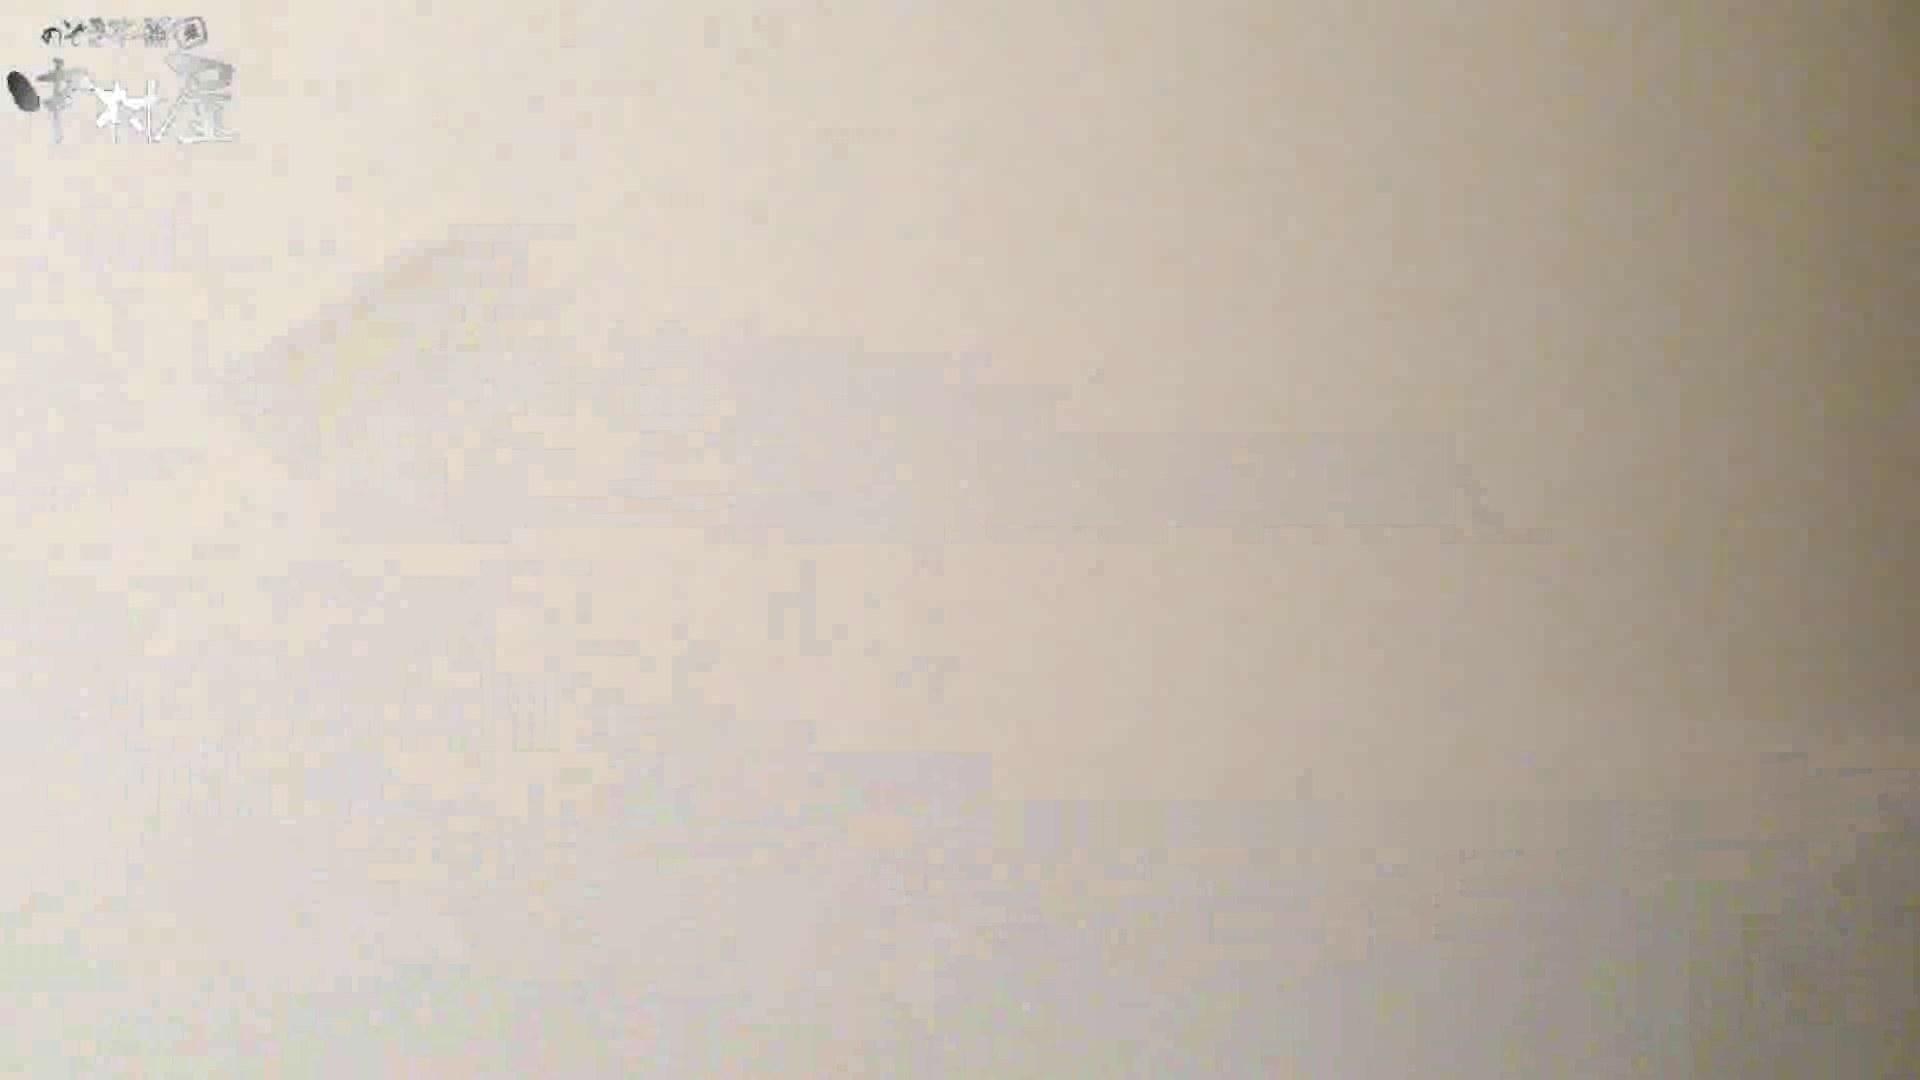 部活女子トイレ潜入編vol.5 トイレ突入 えろ無修正画像 107pic 104